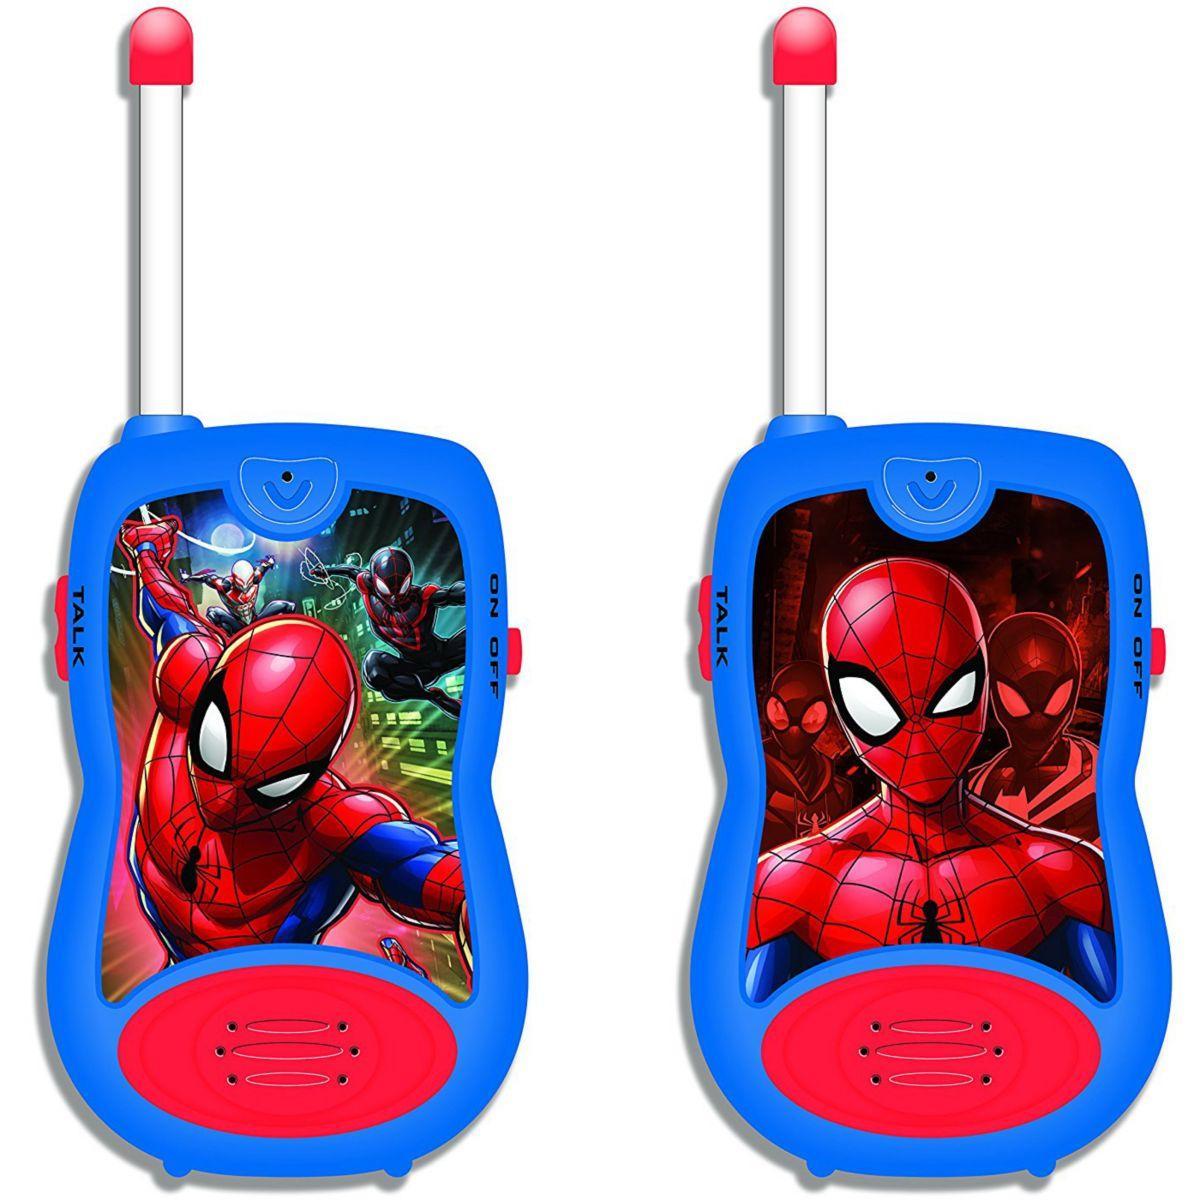 Talkie walkie lexibook tw12 spider-man - 2% de remise imm�diate avec le code : cadeau2 (photo)